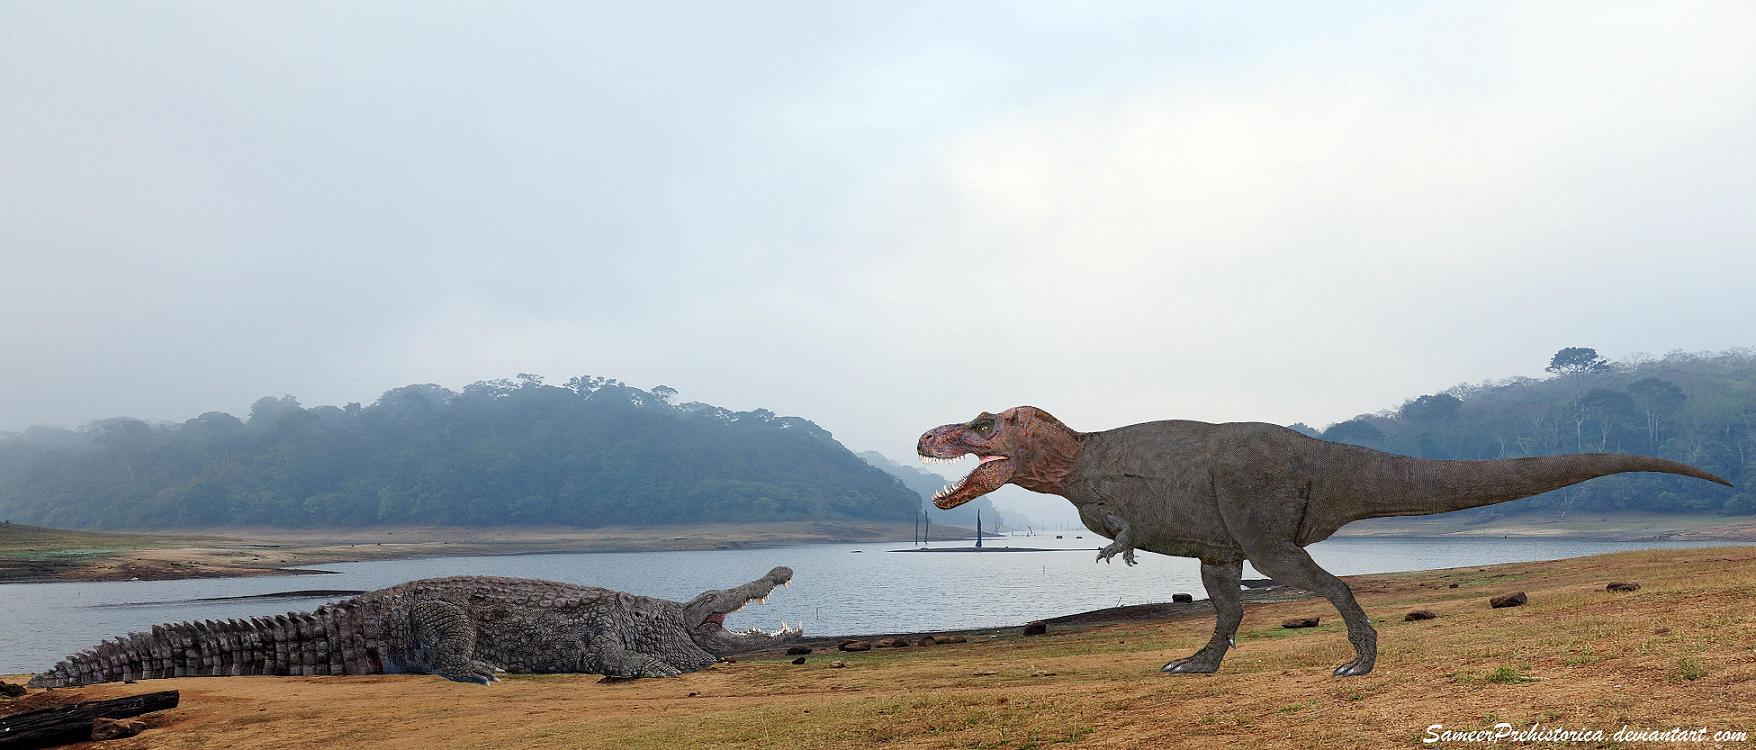 Kết quả hình ảnh cho T-rex & Titanoboa: